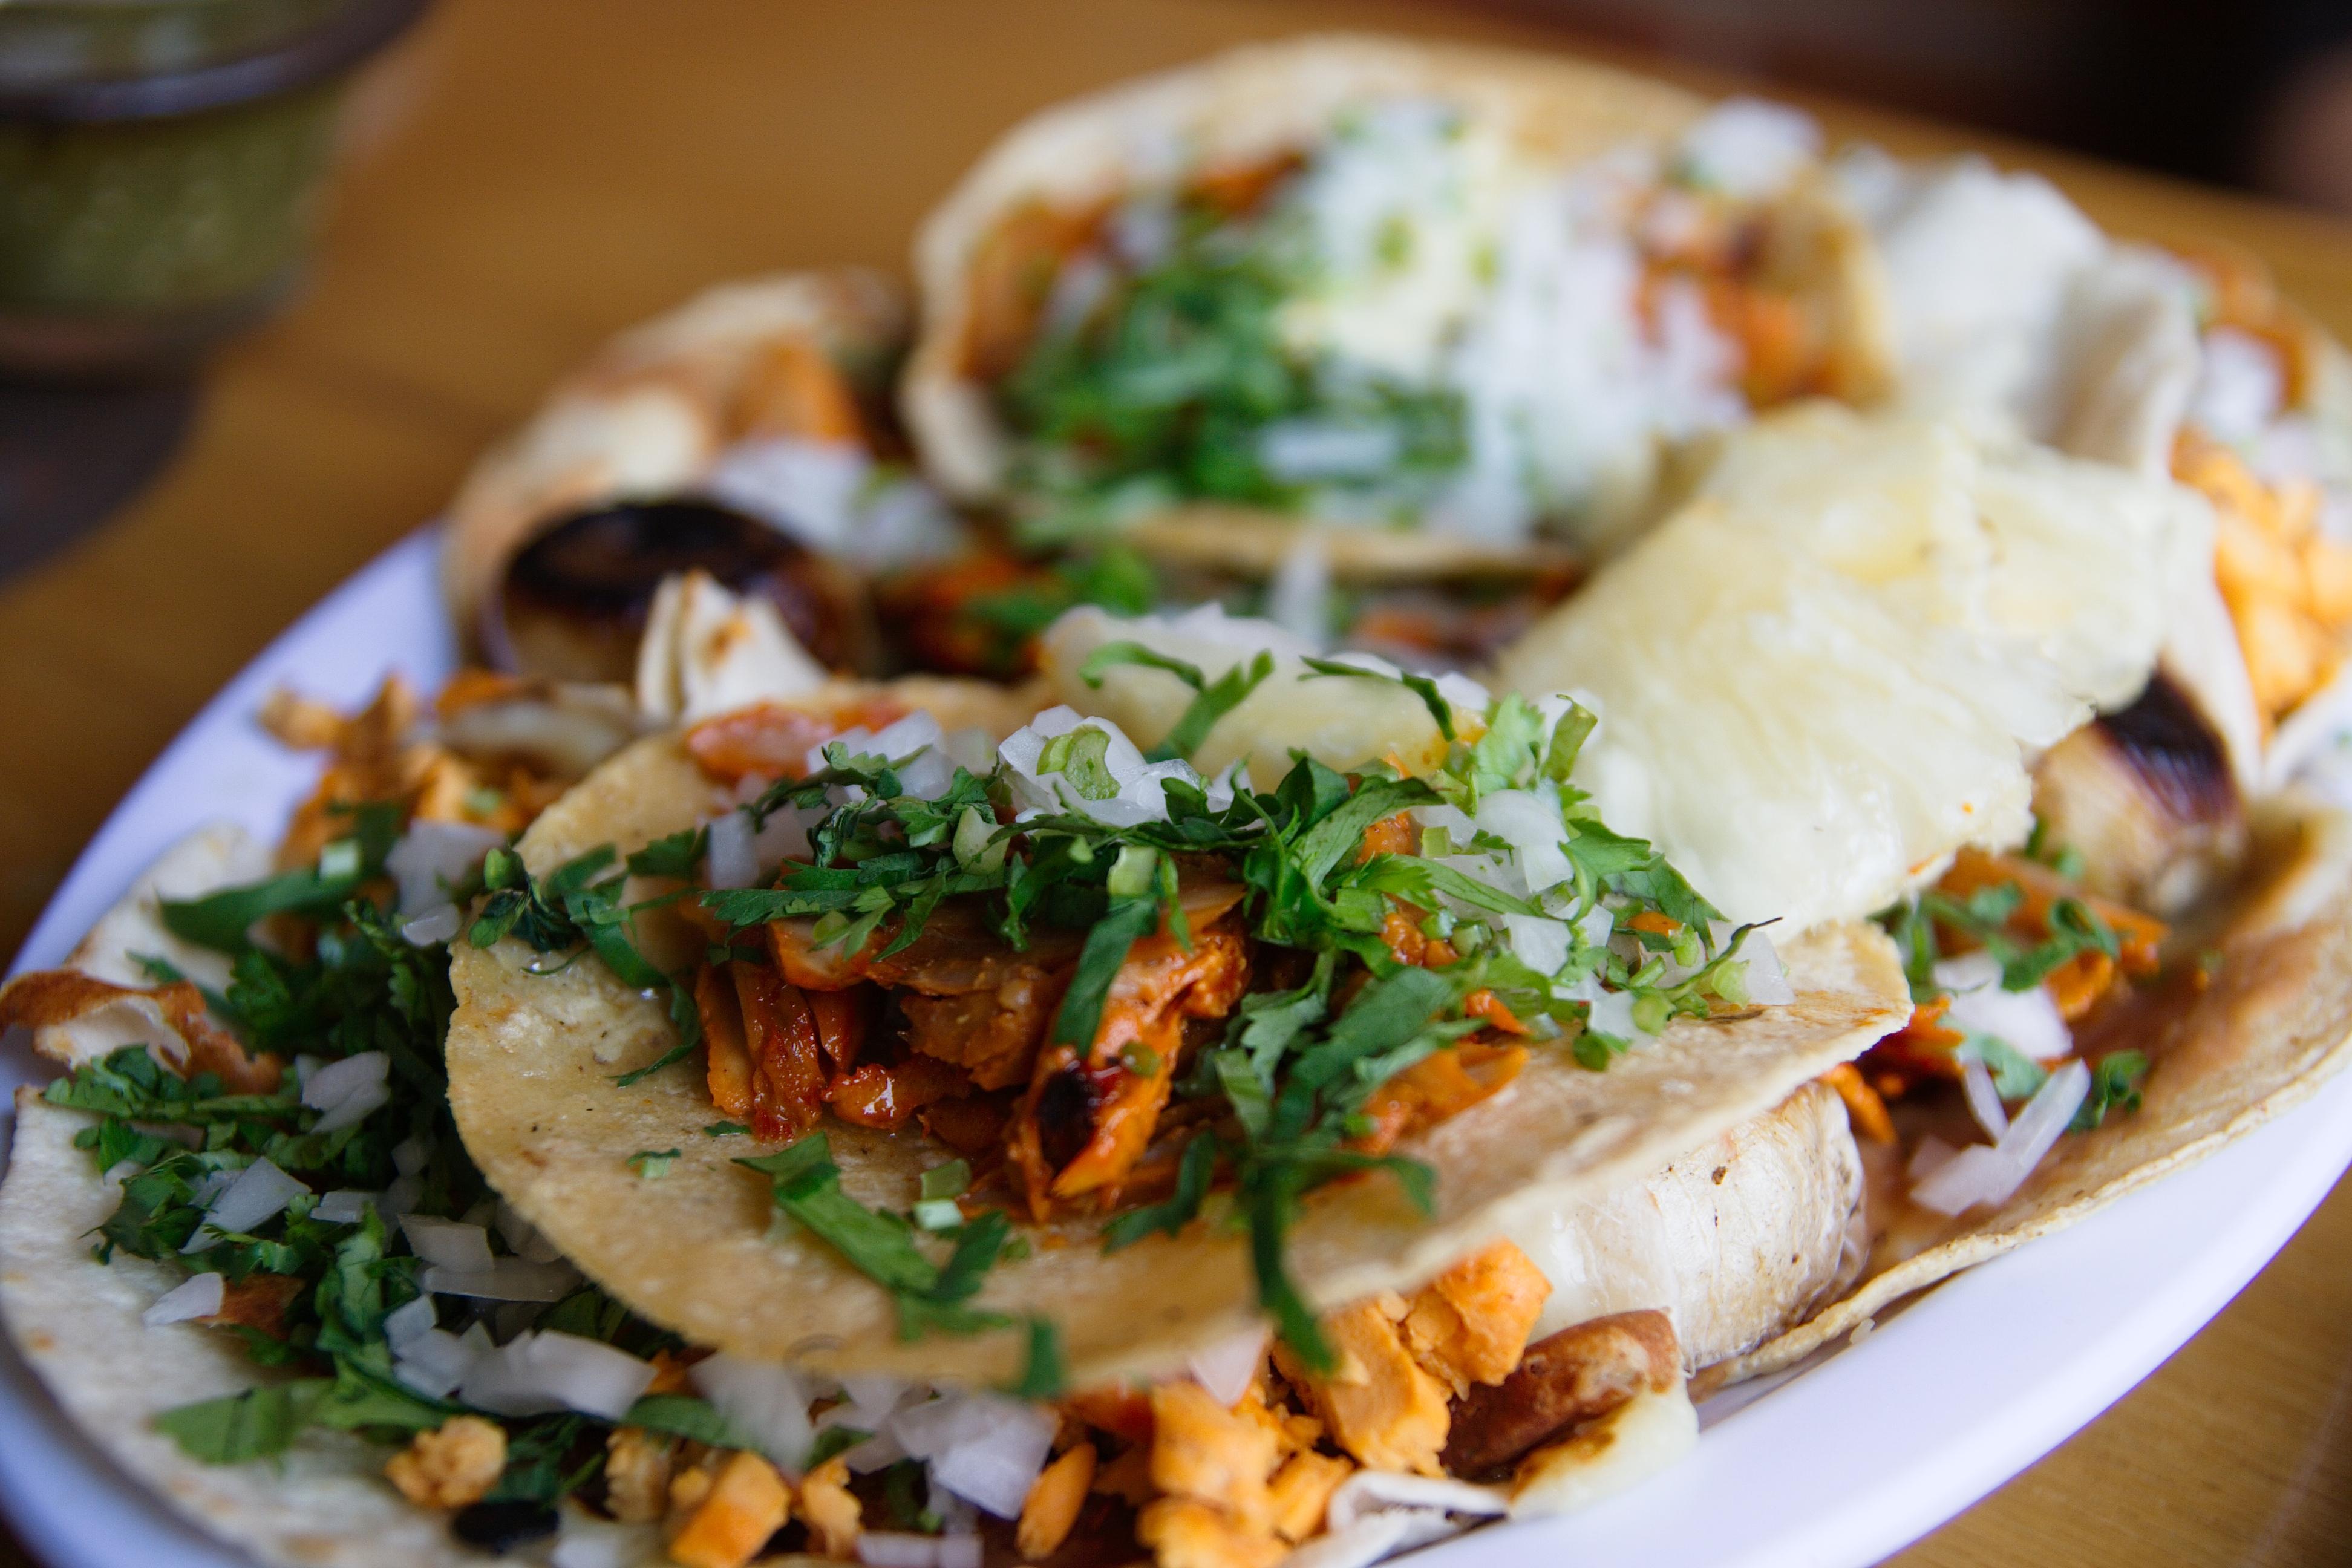 tacos al pastor a la fake meat recipes dishmaps. Black Bedroom Furniture Sets. Home Design Ideas